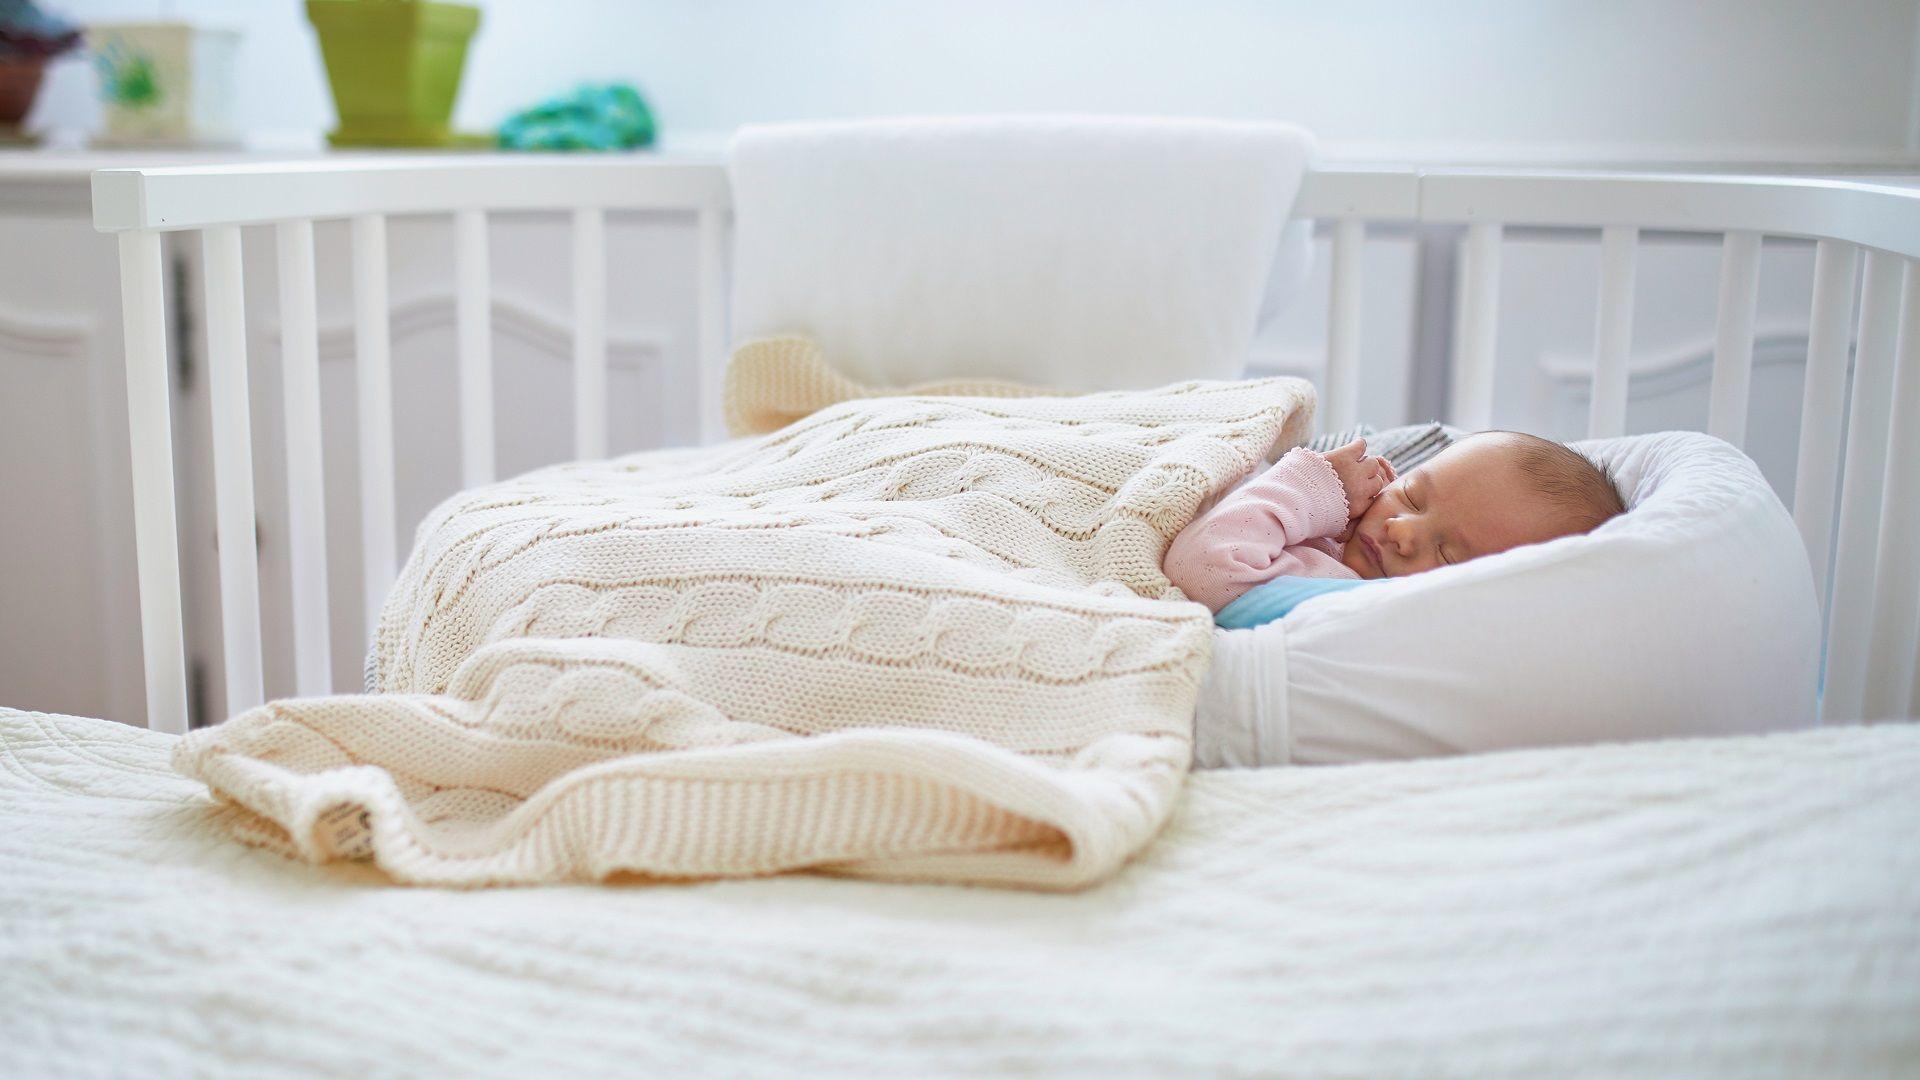 Samen slapen kan ook heel goed (én veilig) met je kleintje in een co-sleeper!